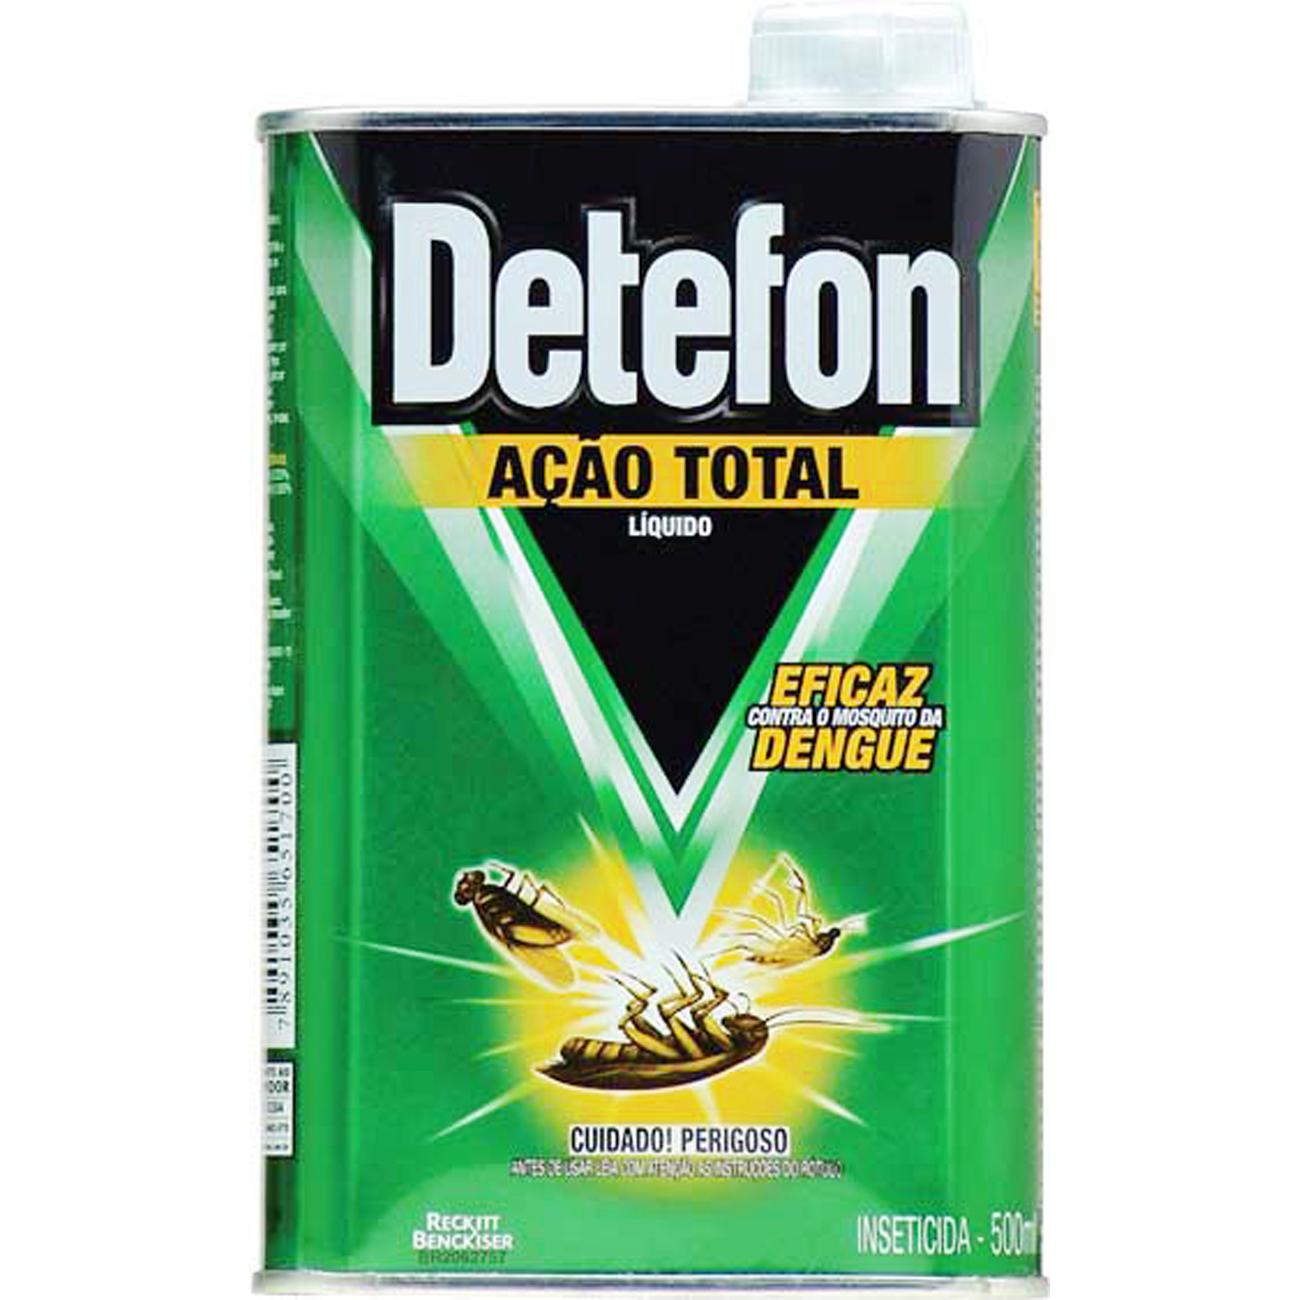 DETEFON ACAO TOTAL LIQ 1X500ML(12)